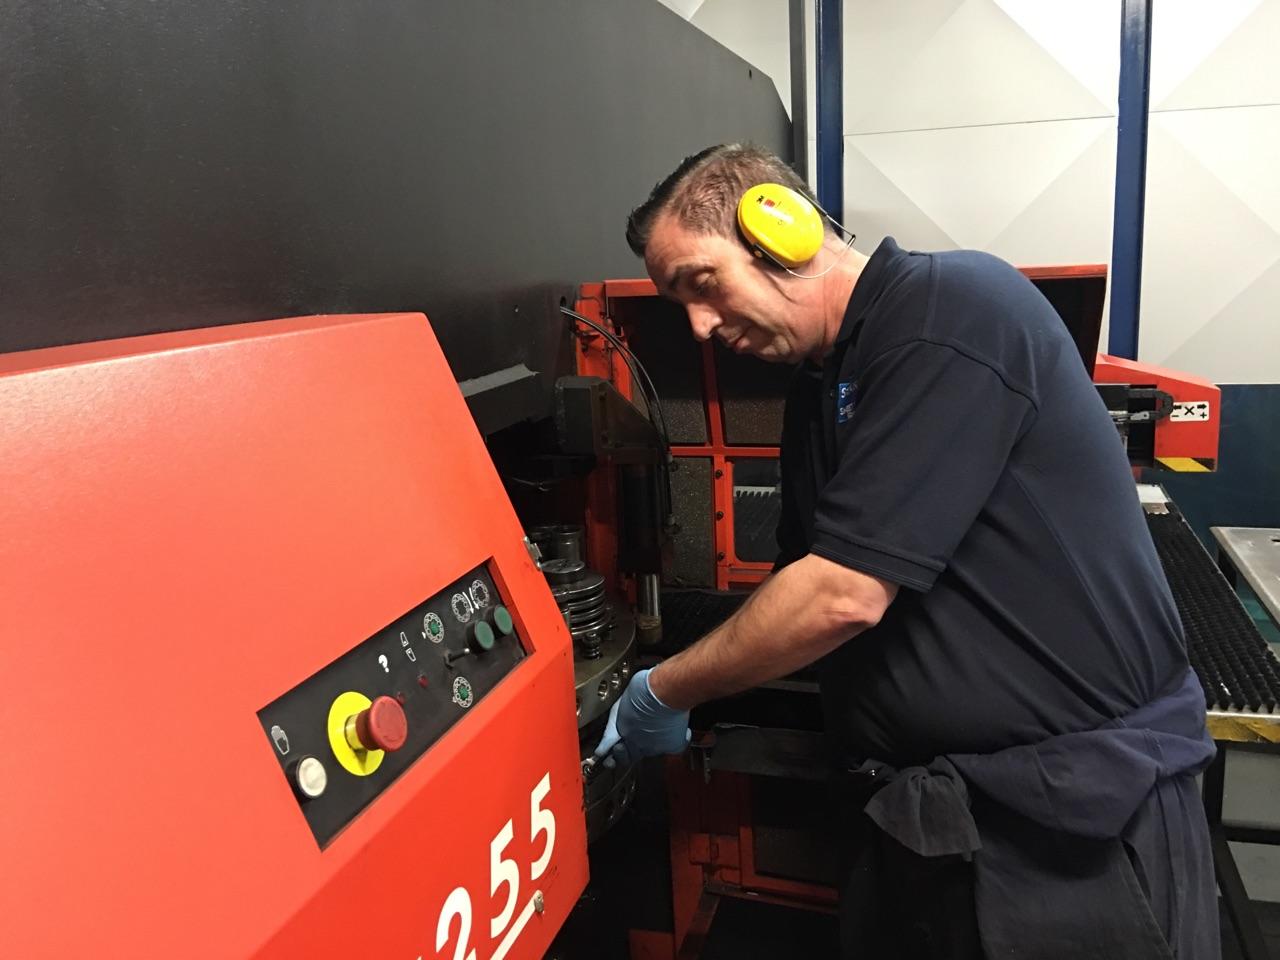 CNC PUNCHING OPERATOR